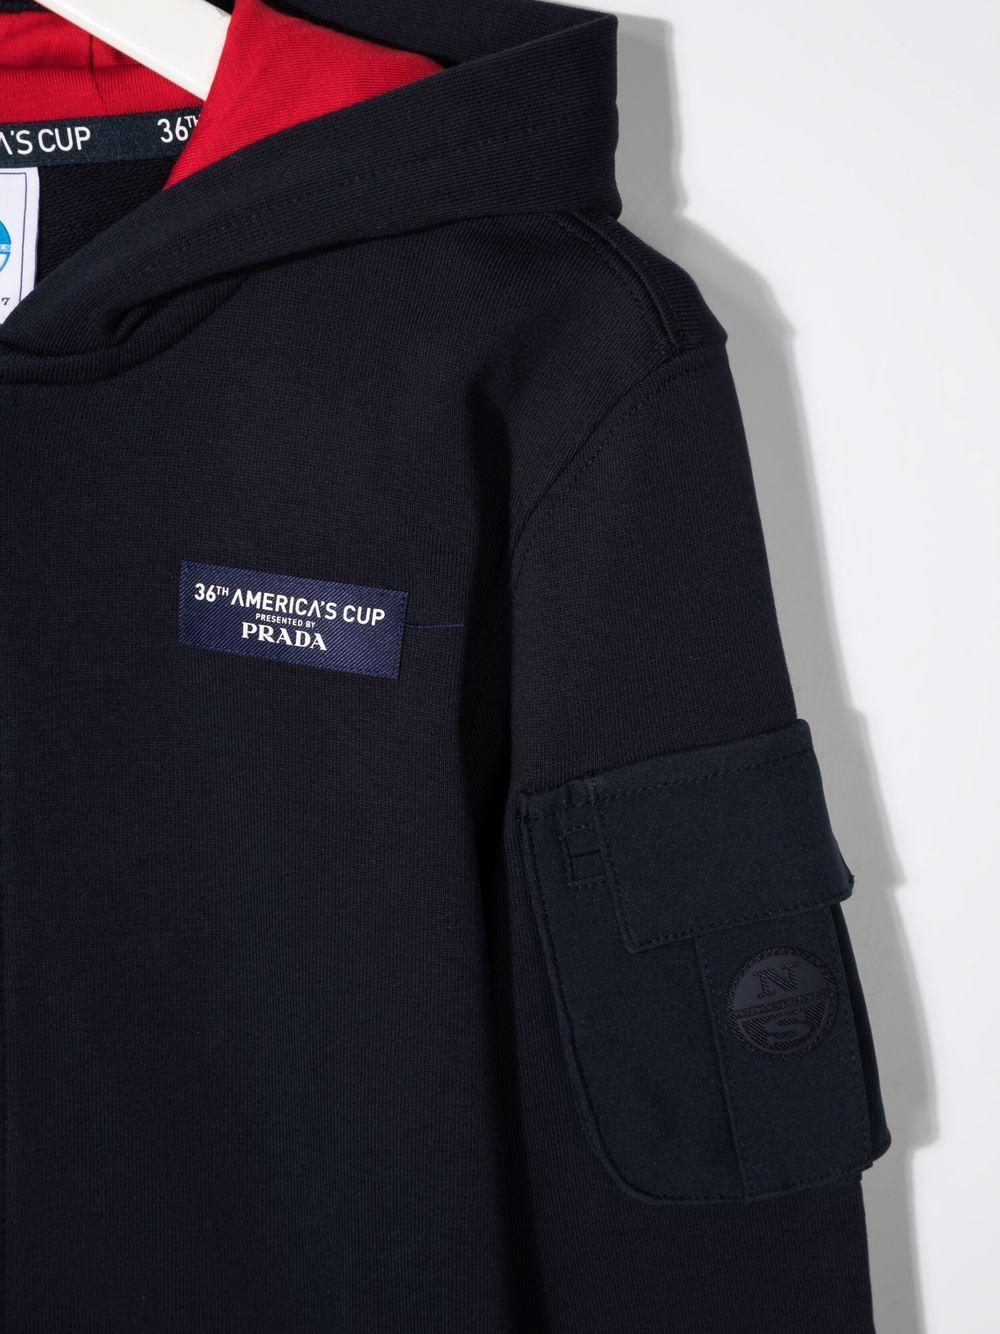 North sails x Prada Kids   Sweatshirt   4518000802BL